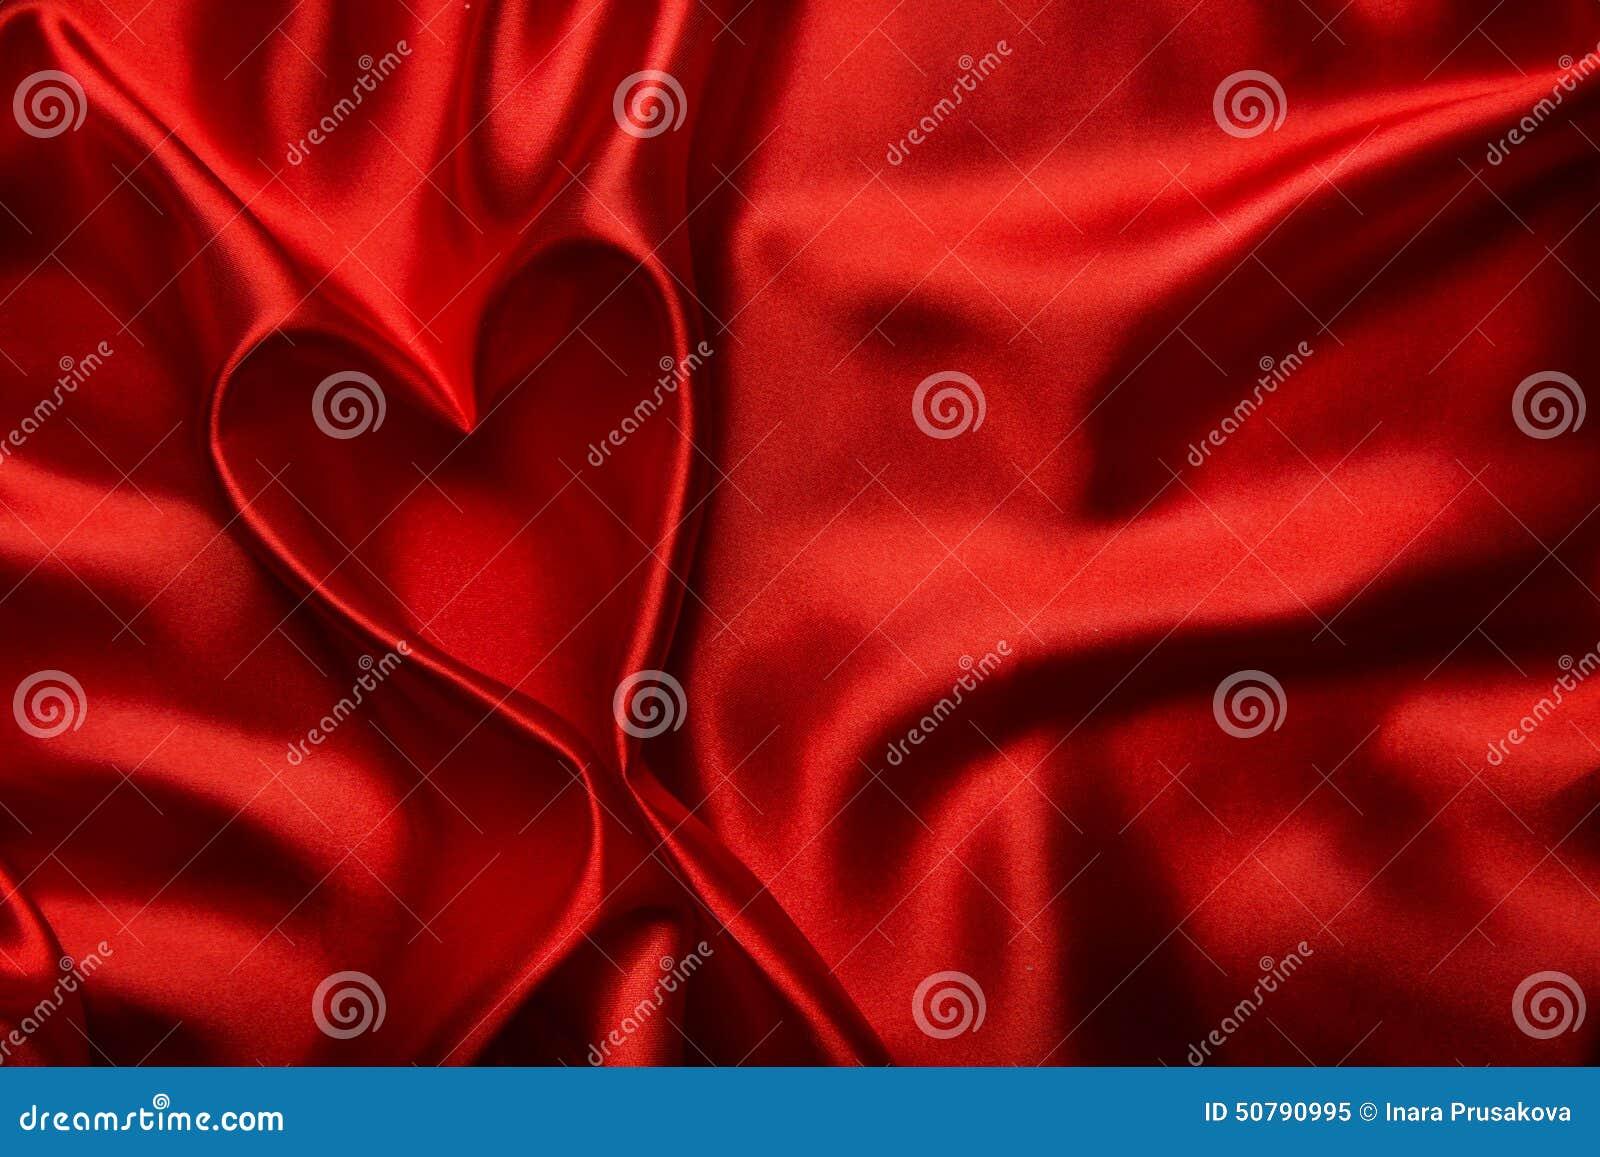 La forme de coeur, fond en soie rouge de tissu, tissu se plie en tant que résumé